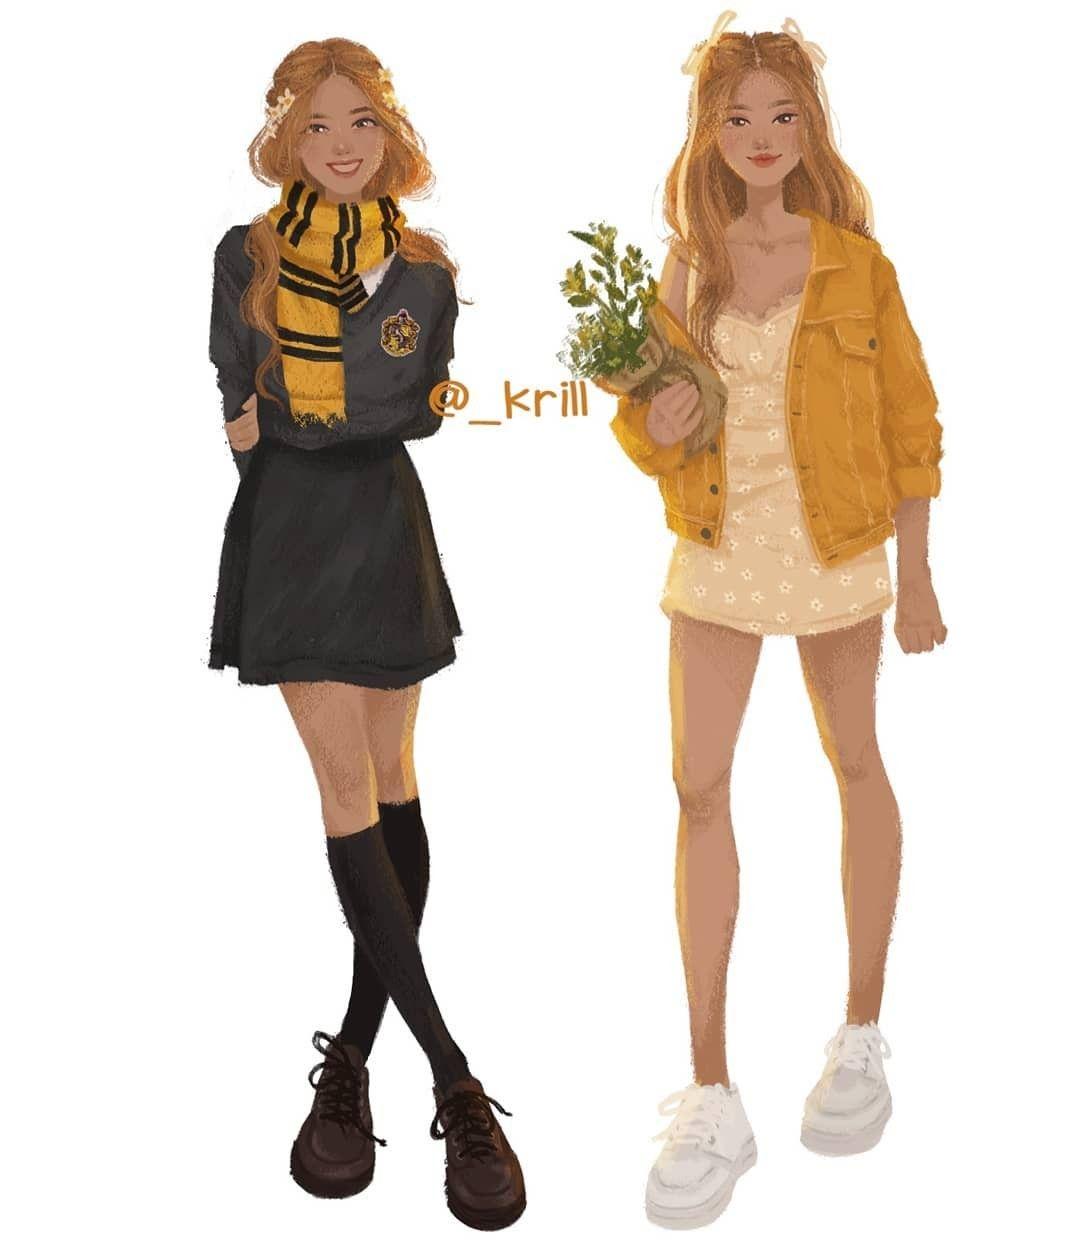 Pin By Keksik Lyapa On Harry Potter In 2020 Harry Potter Outfits Harry Potter Anime Harry Potter Drawings